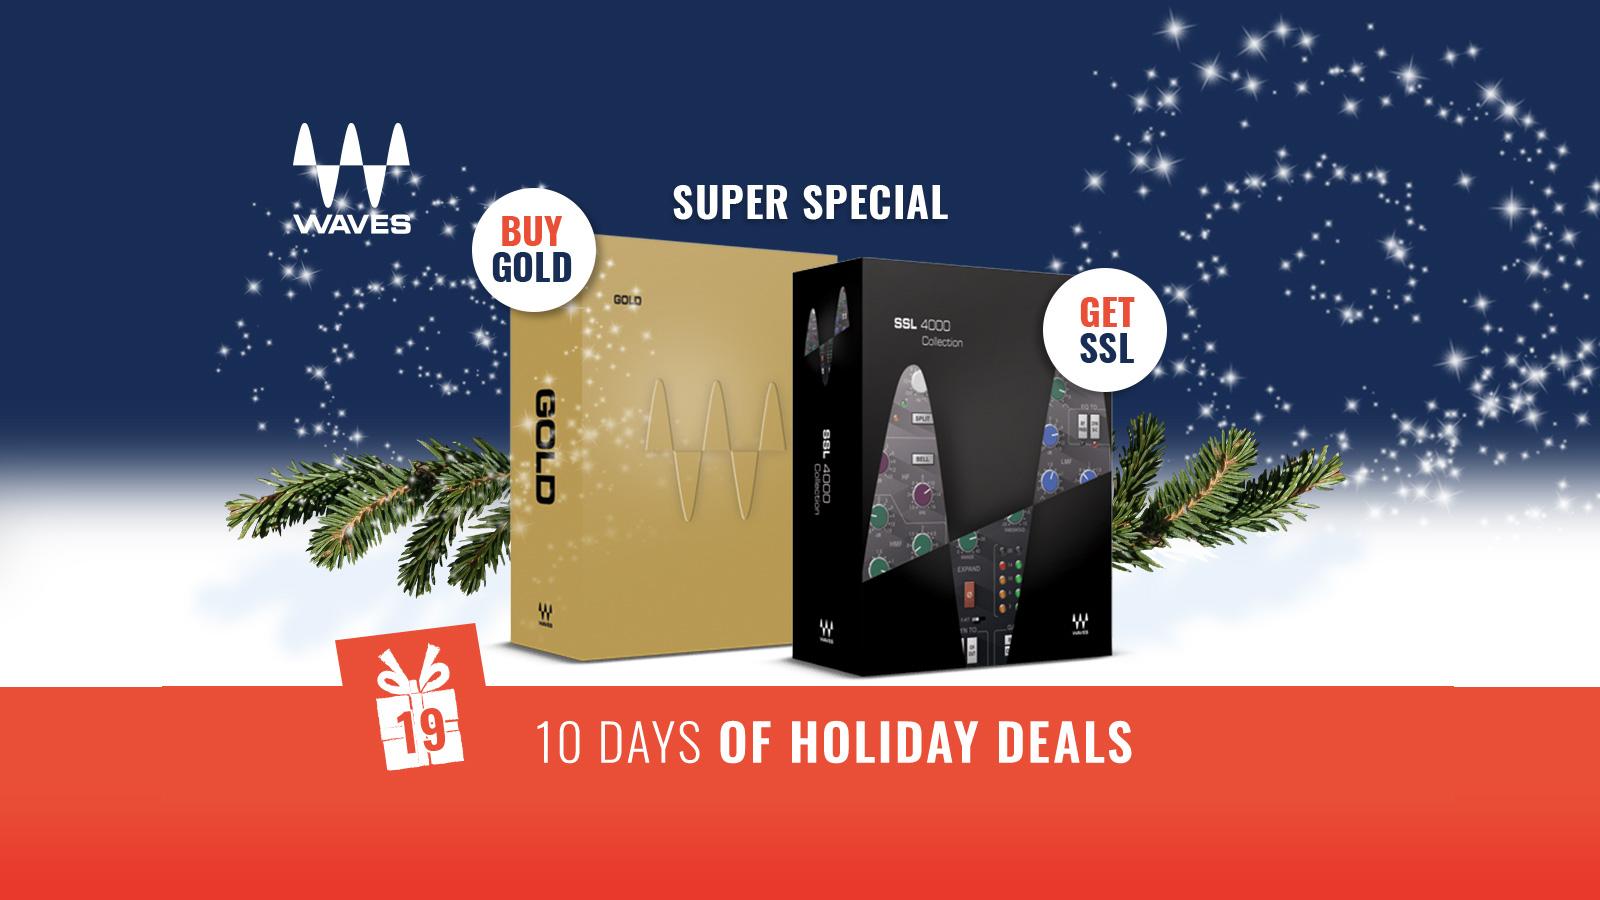 【本日19時まで】Waves Goldを買うとSSL 4000 Collection が無料でついてくるキャンペーン開催中!